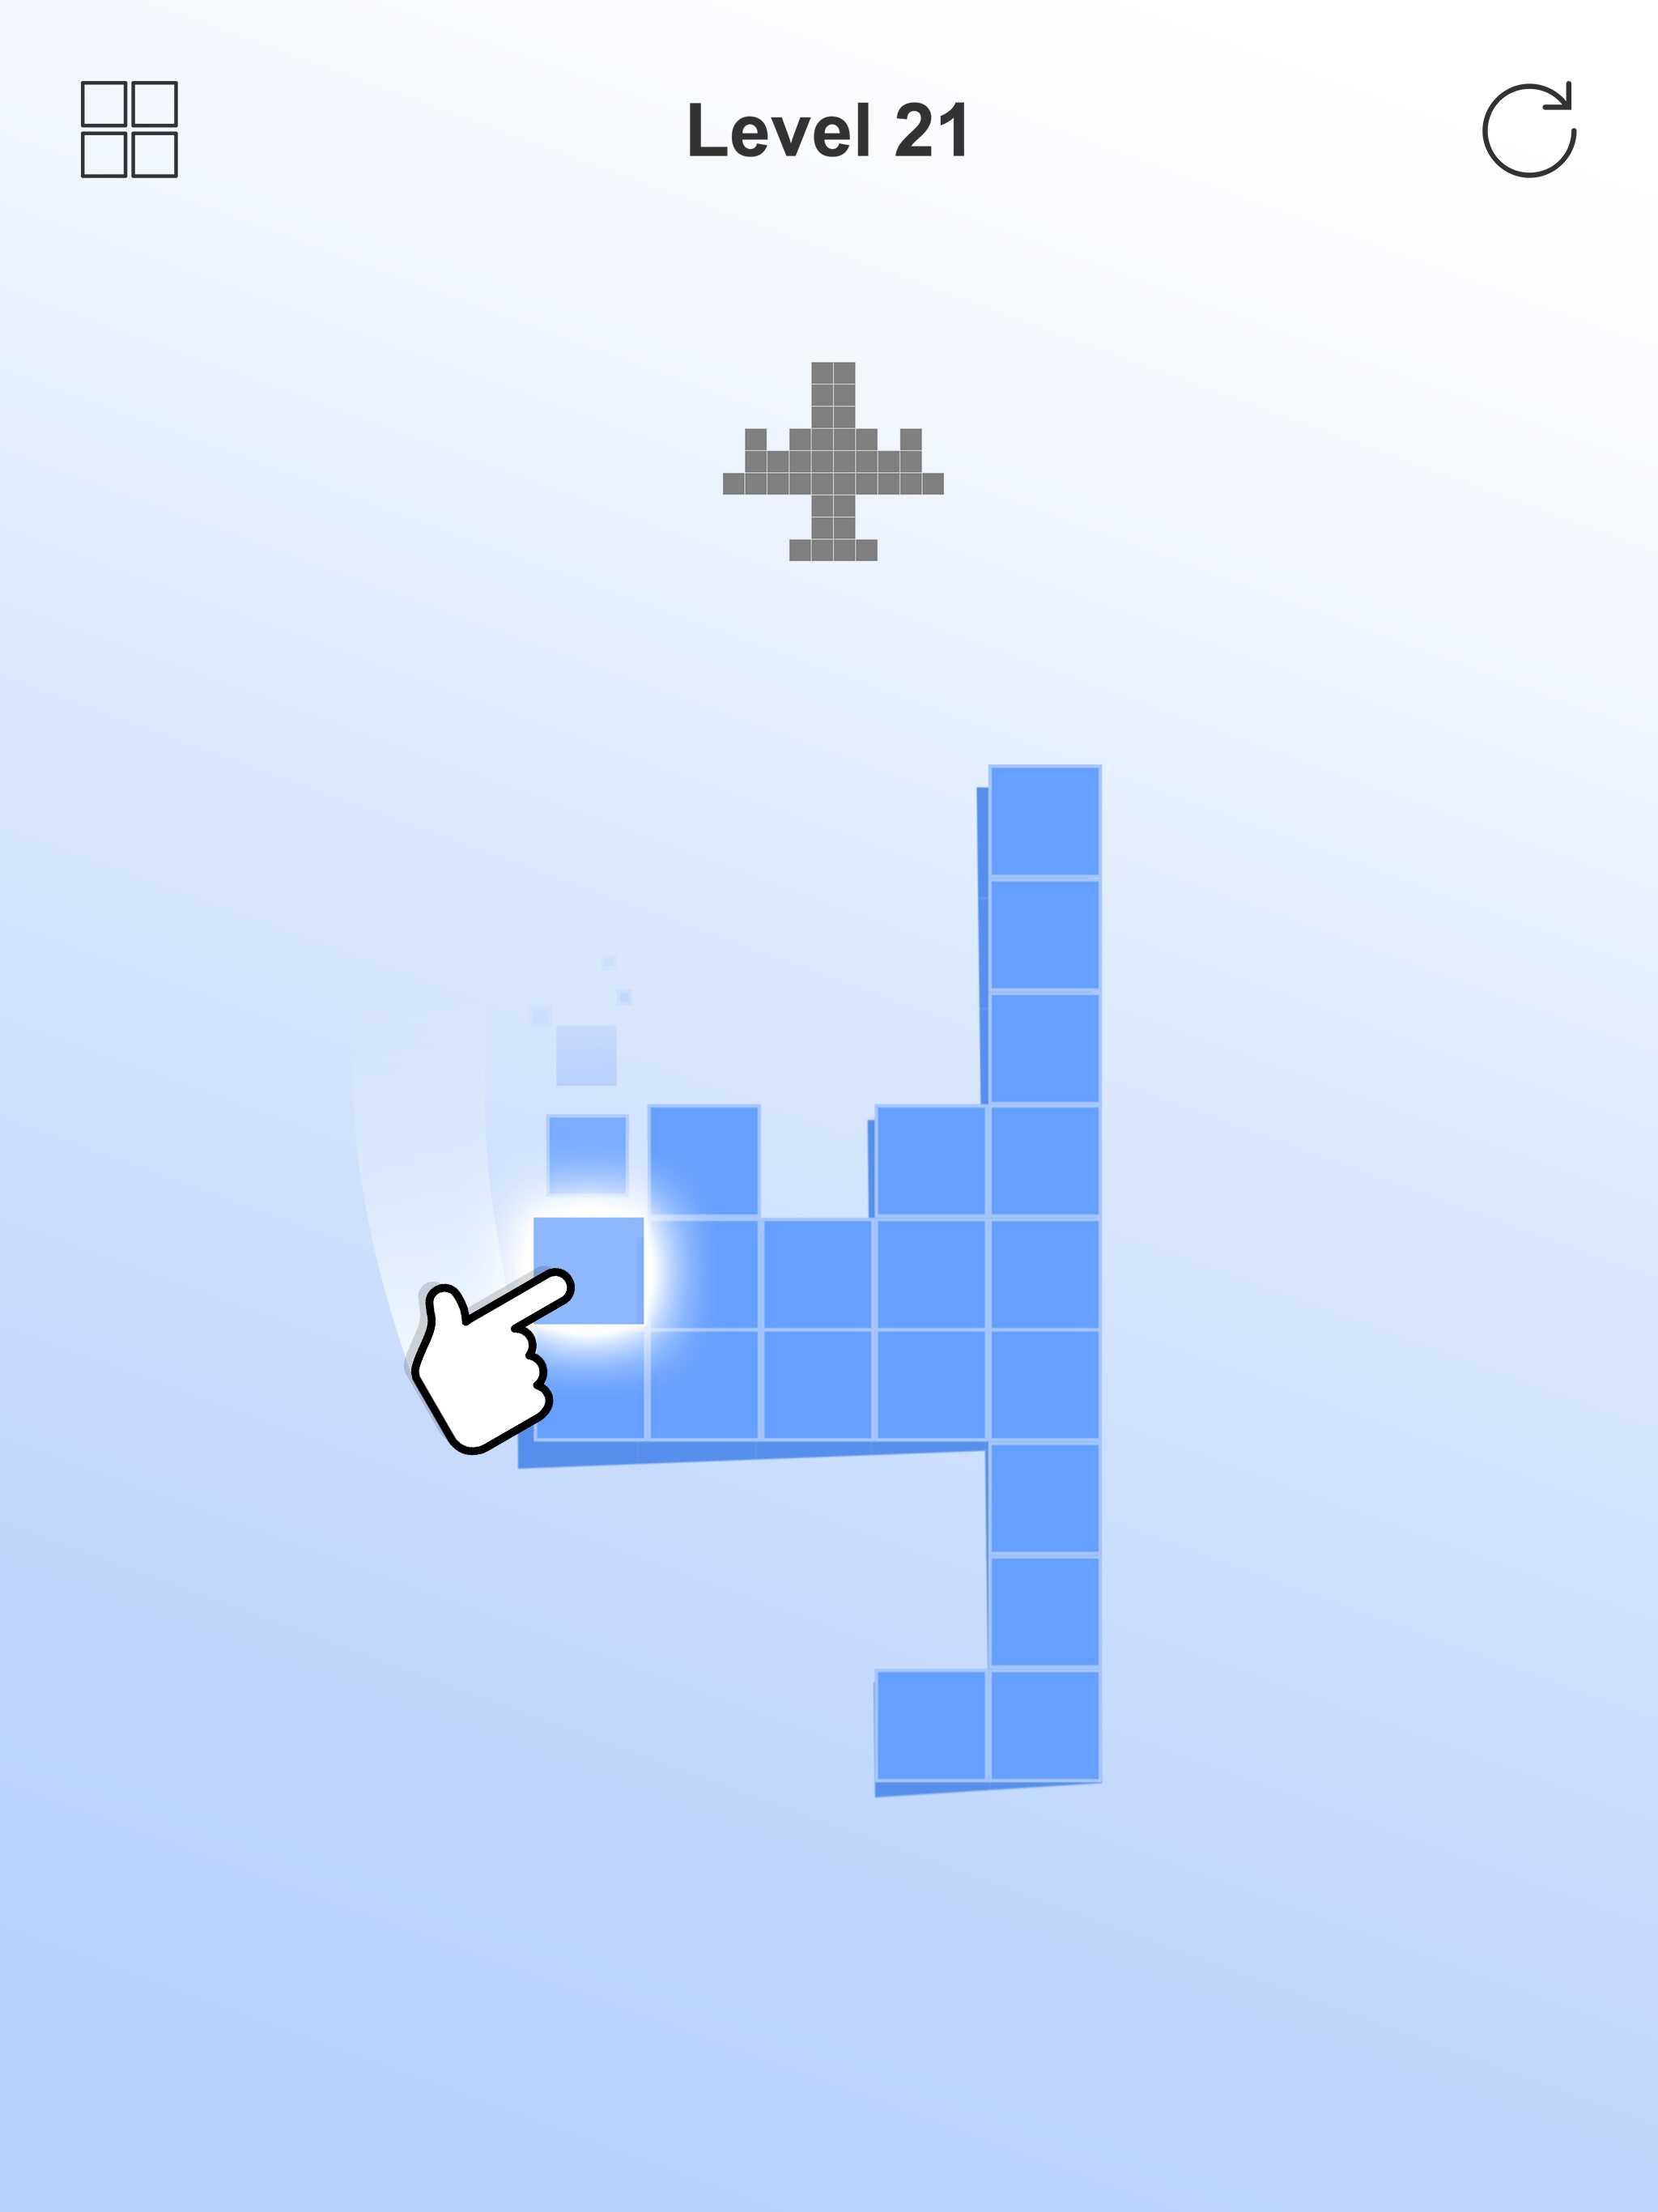 Pixel Match 3Dを徹底レビュー!ハイパーカジュアルゲームとしての評価は?